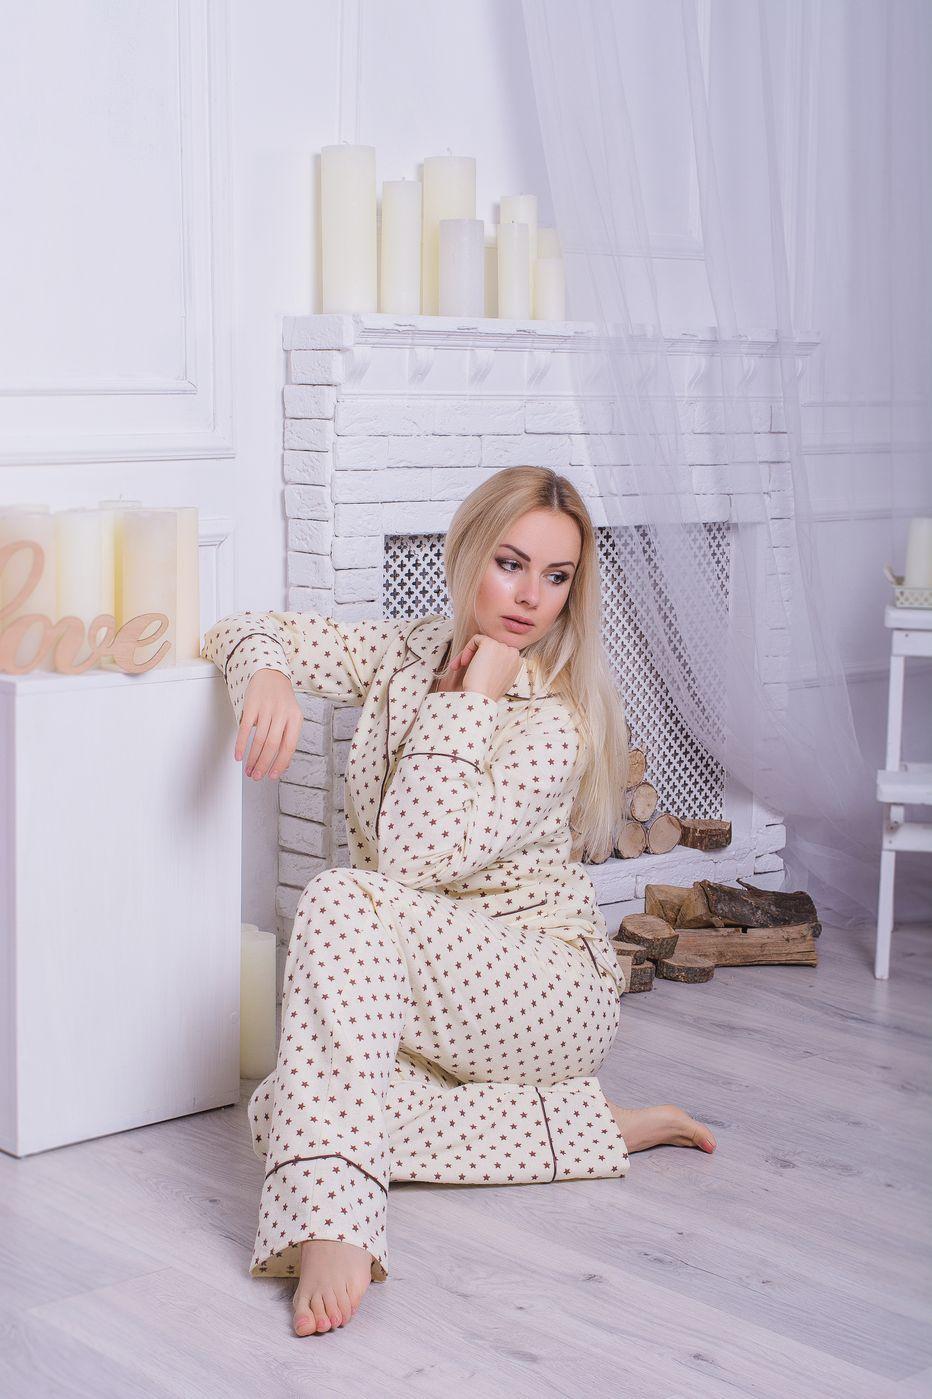 Пижама фланелевая MiaNaGreen П309 Шоколадные звезды - купить в ... 266a8afc8af0c